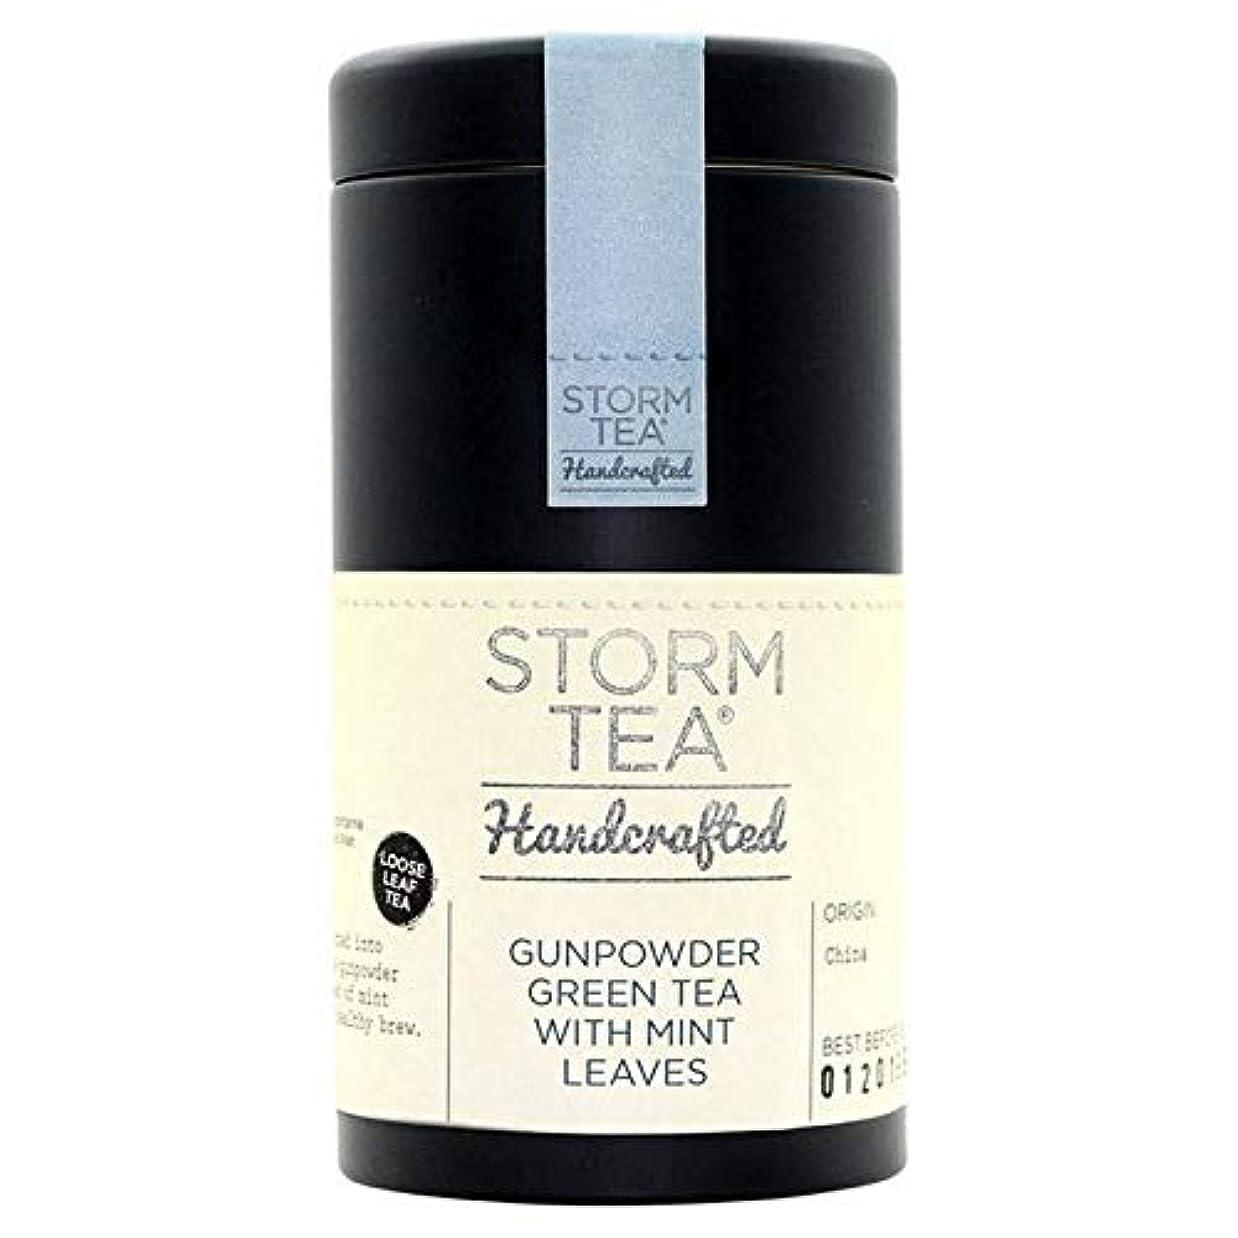 火星存在する現実的[Storm Tea ] ペパーミントルーズリーフティーキャディー100グラムと嵐の茶手作り火薬 - Storm Tea Handcrafted Gunpowder With Peppermint Loose Leaf Tea Caddy 100g [並行輸入品]